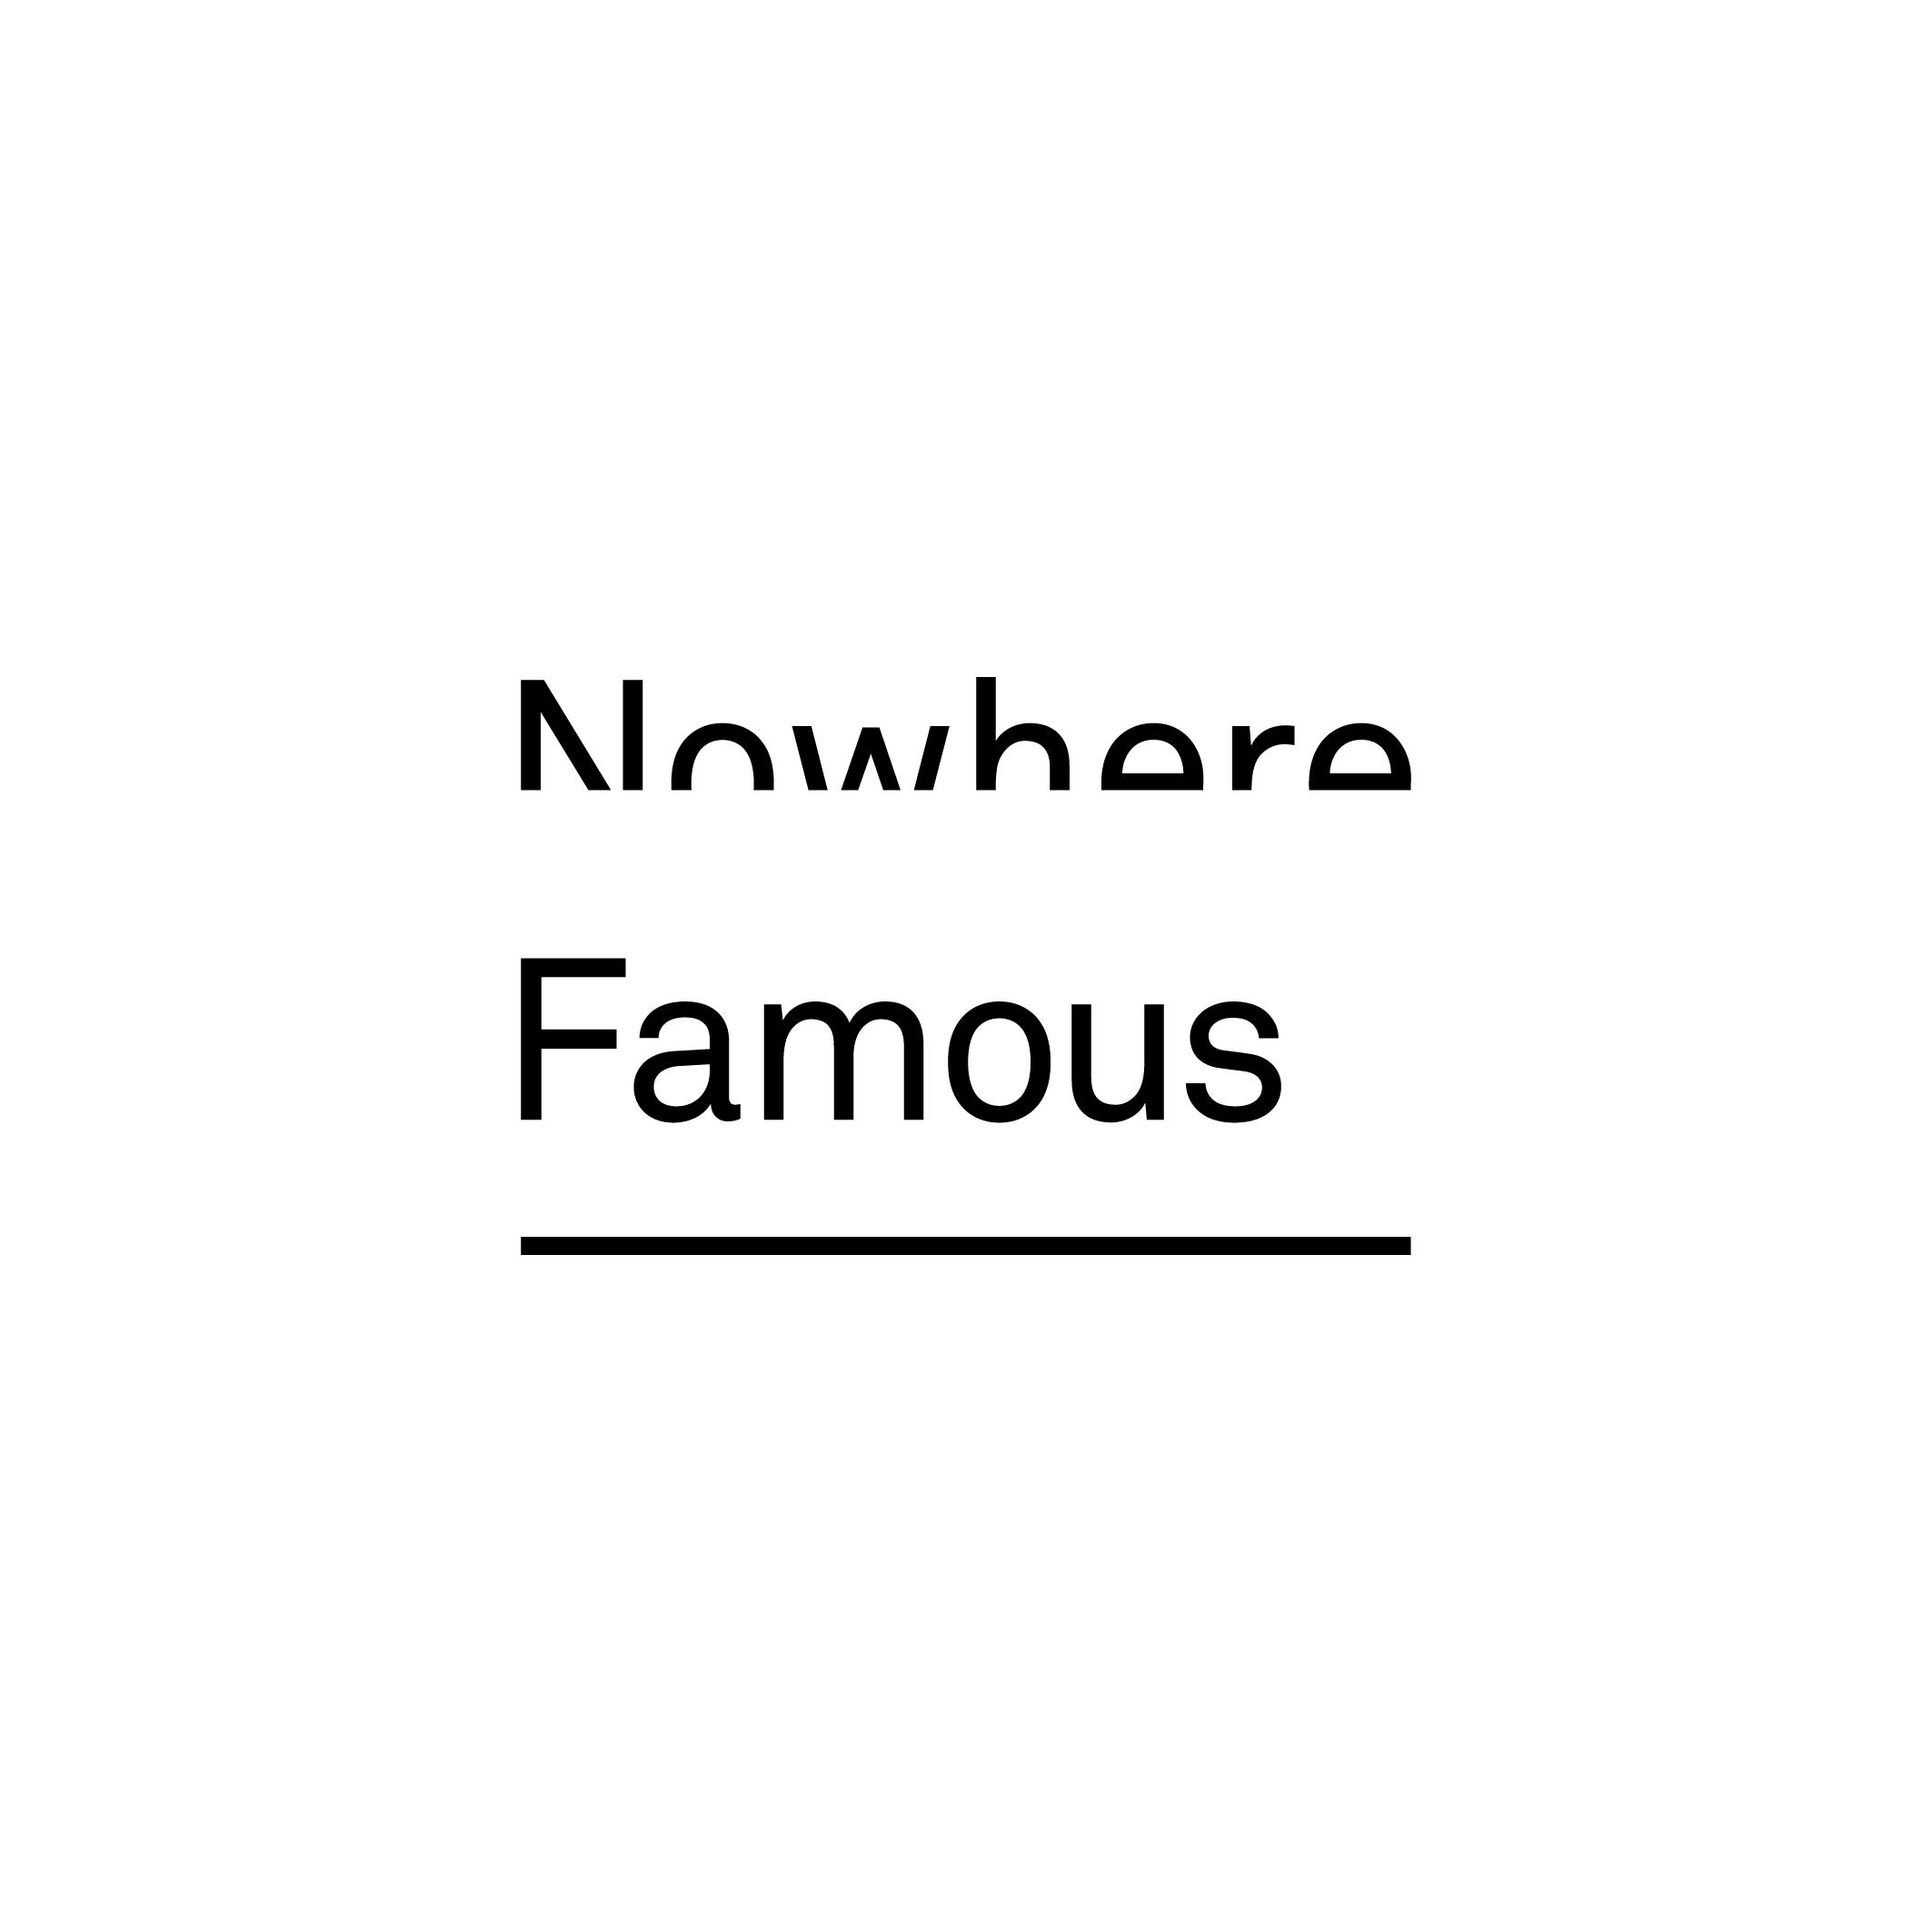 NowhereFamous_Logo_2015.jpg